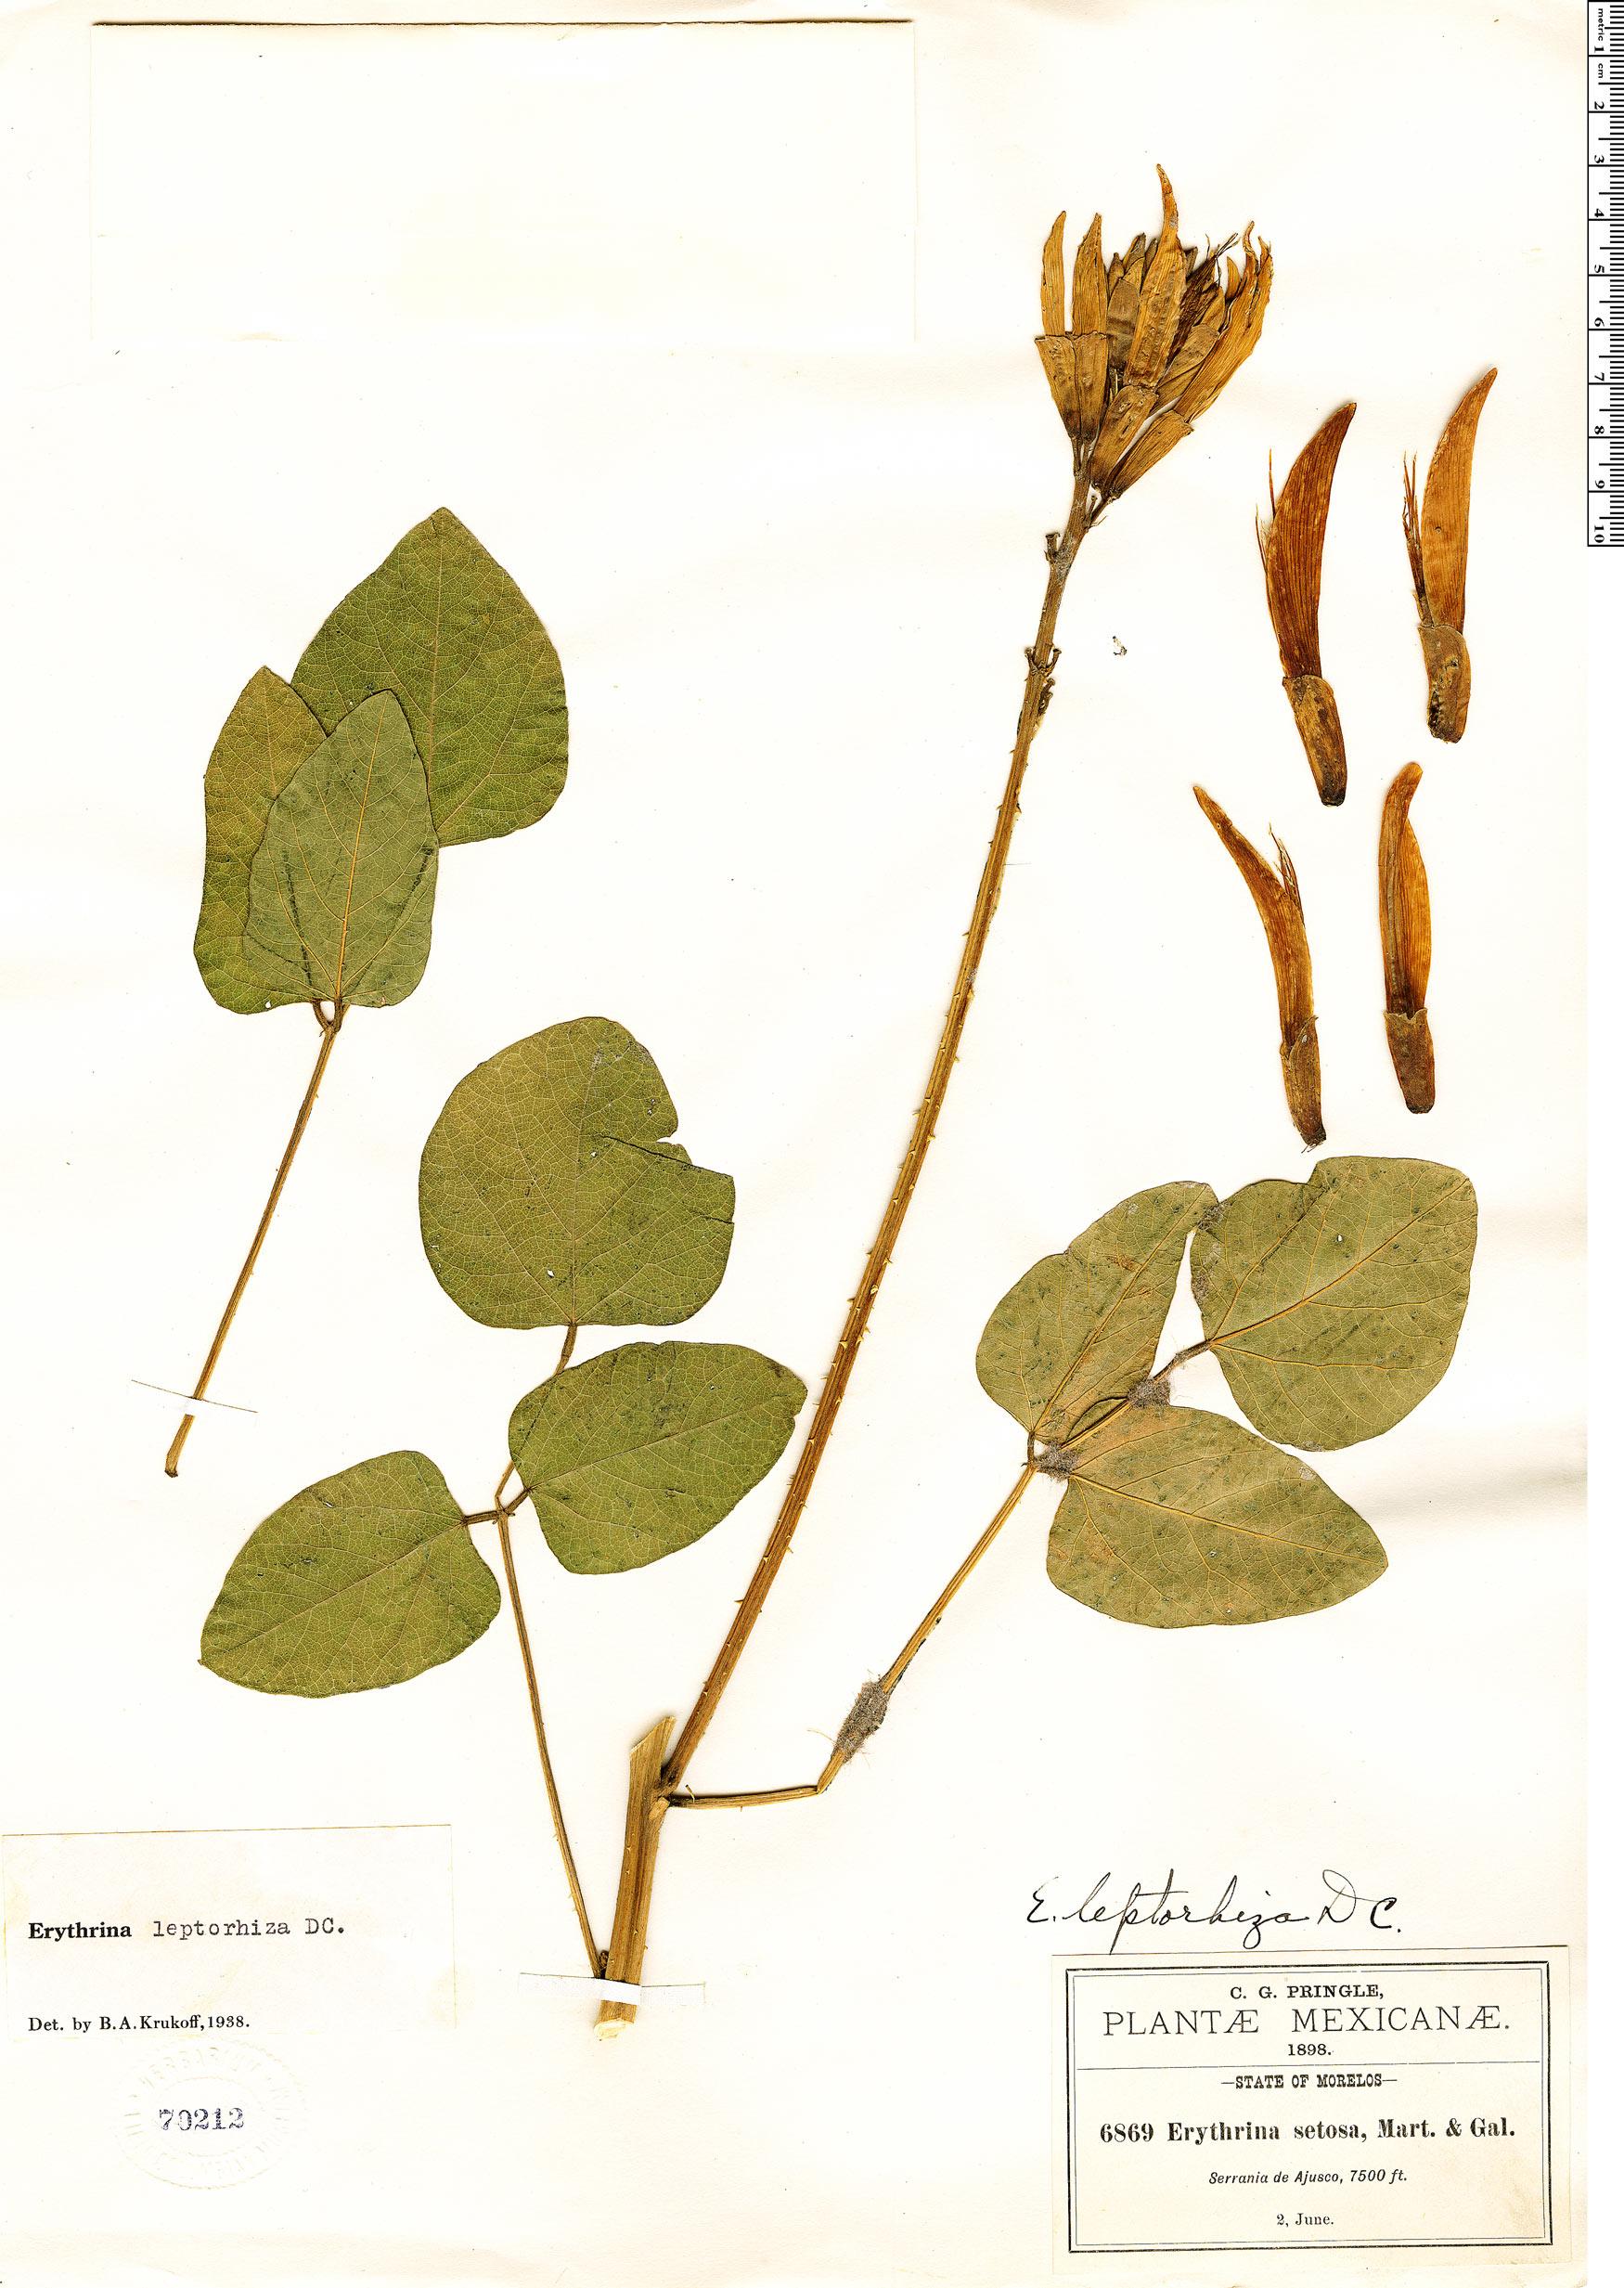 Specimen: Erythrina leptorhiza